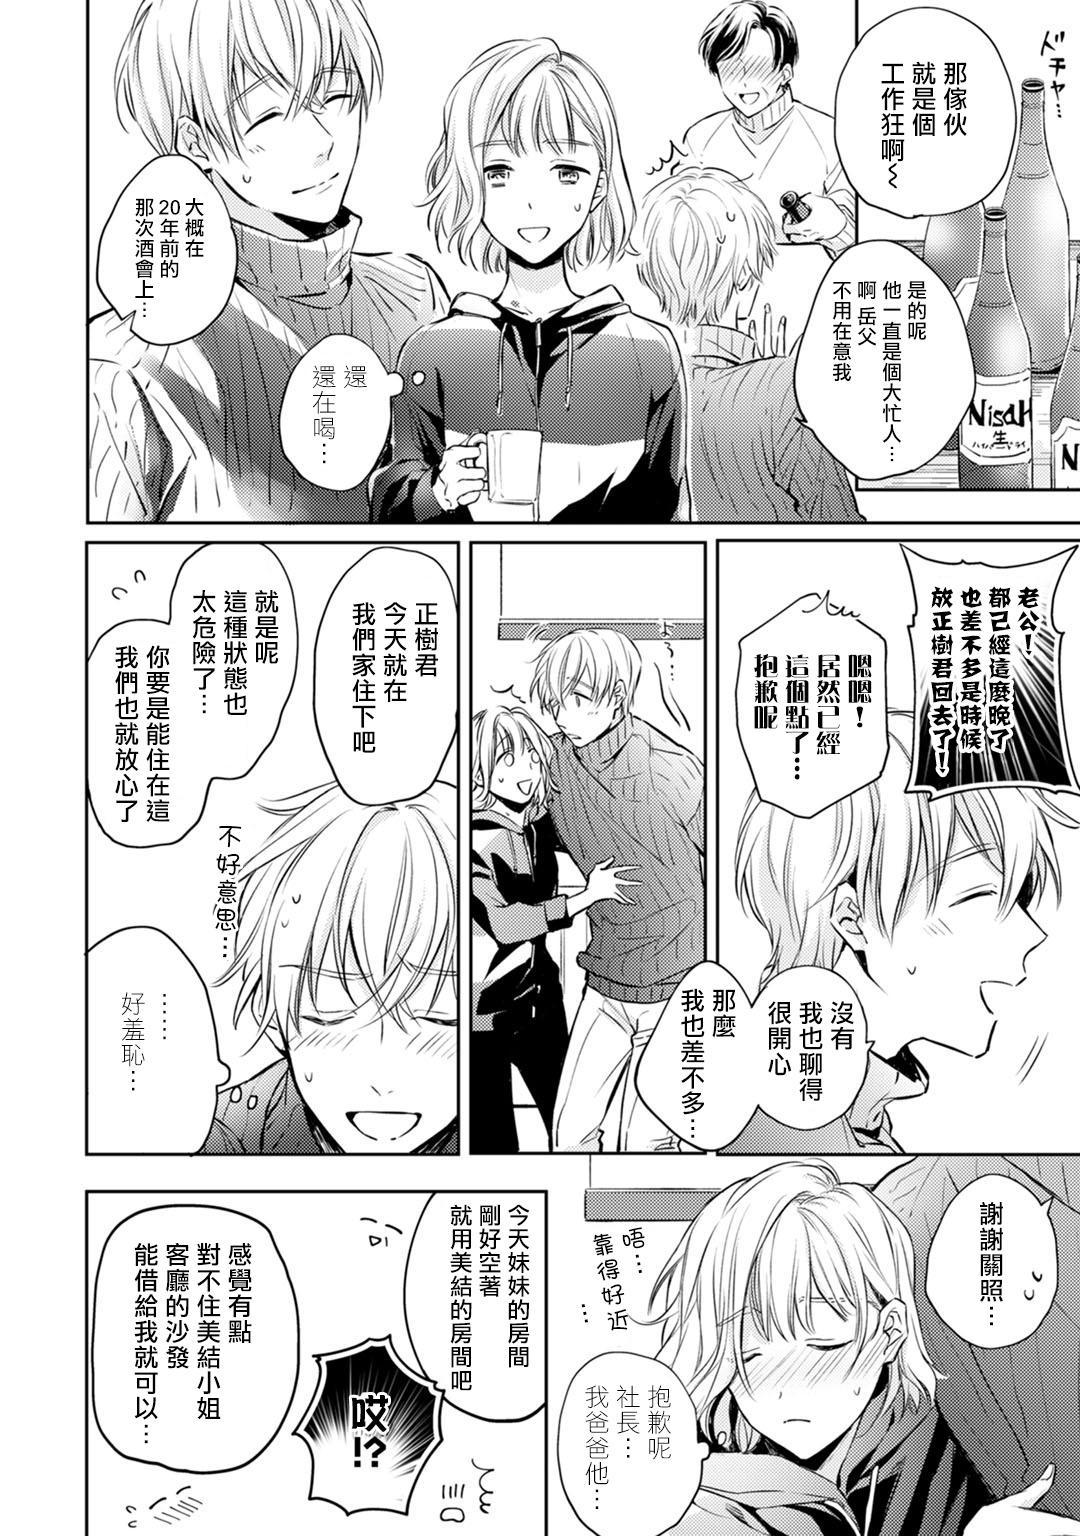 [Shichigatsu Motomi]  Sonna Kao shite, Sasotteru? ~Dekiai Shachou to Migawari Omiaikekkon!?~ 1-7 | 這種表情,在誘惑我嗎?~溺愛社長和替身相親結婚!? act.1 [Chinese] [拾荒者汉化组] 40